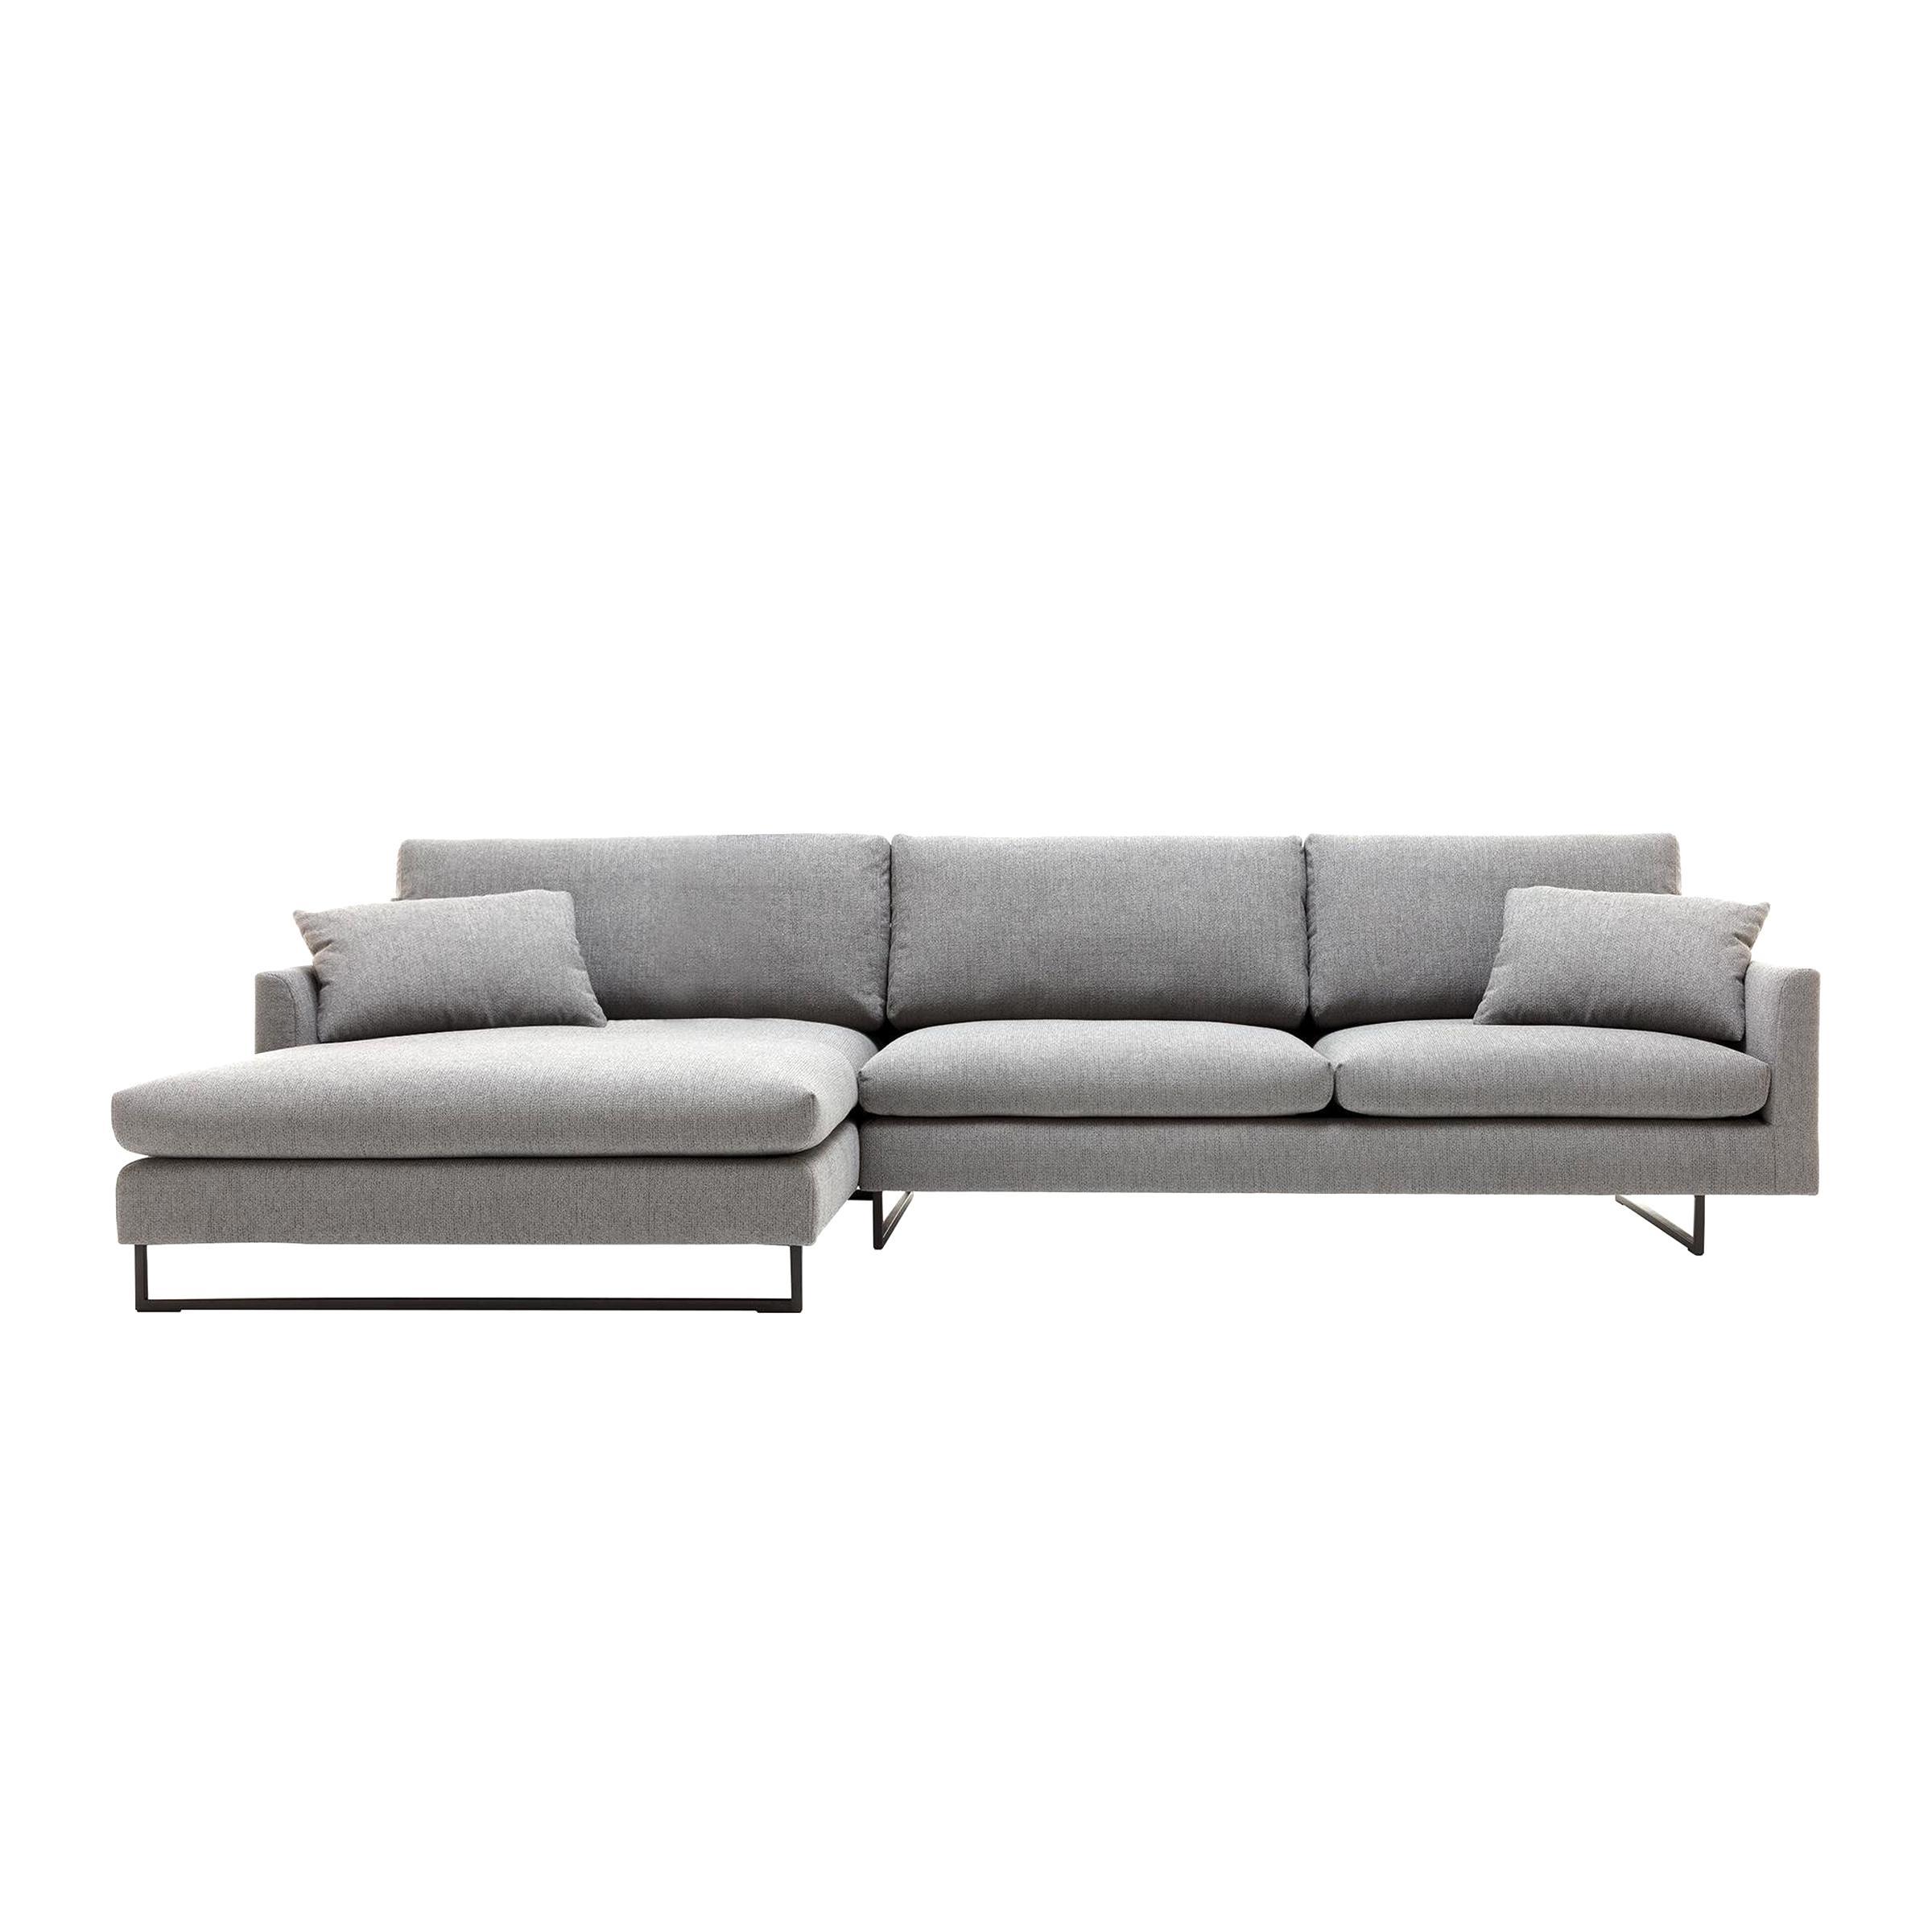 Rolf Benz Sofa gebraucht kaufen Nur 2 St bis günstiger